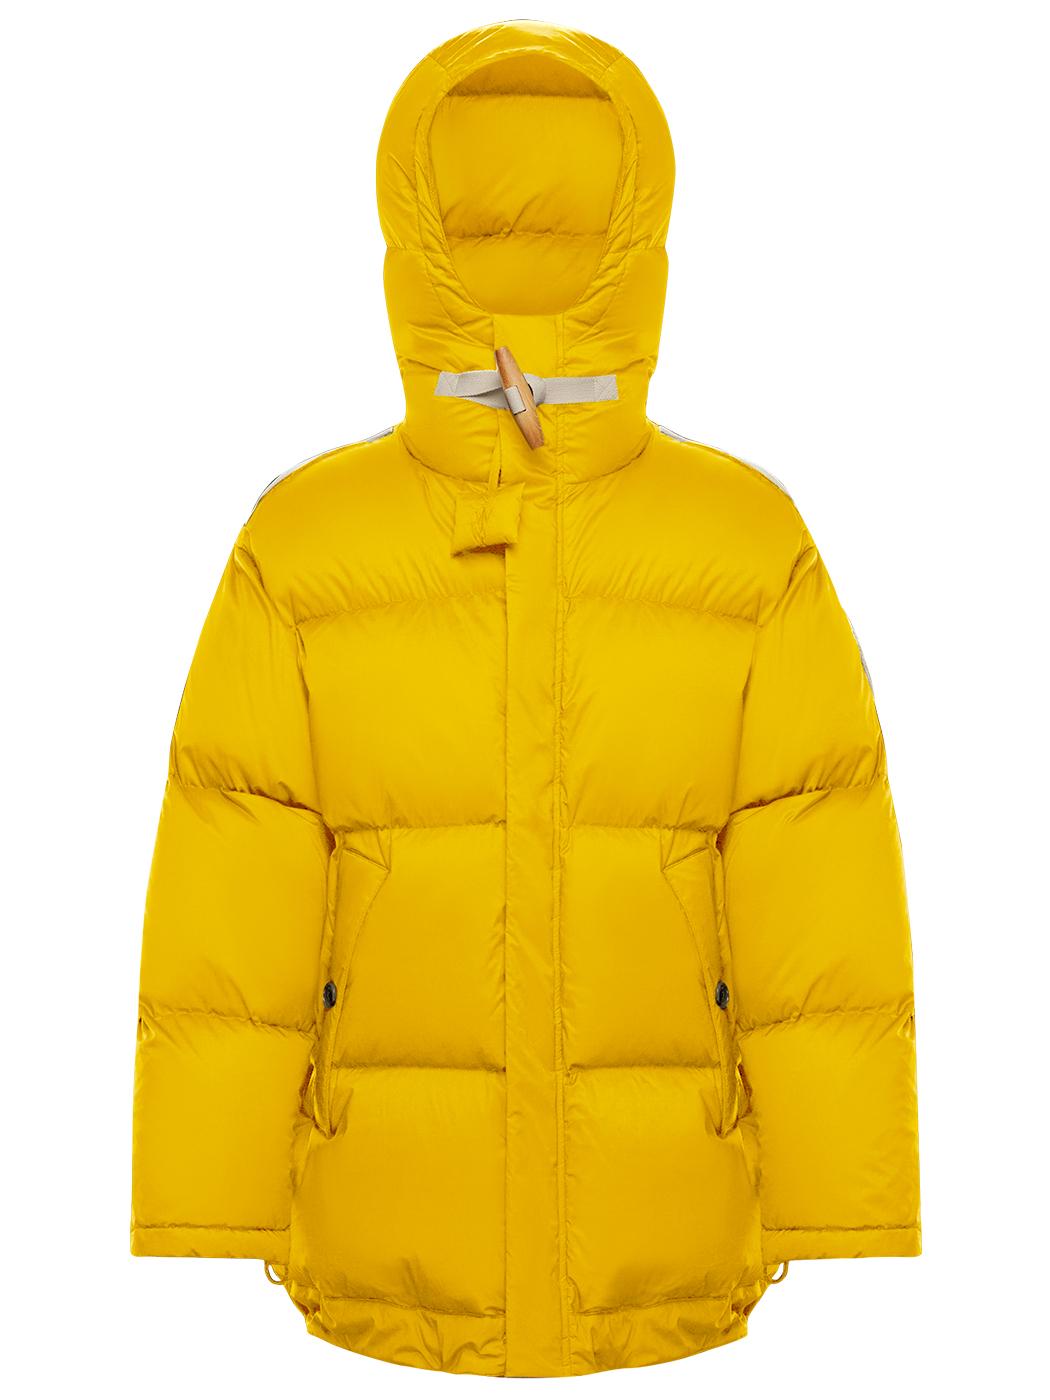 Oversized Down Jacket